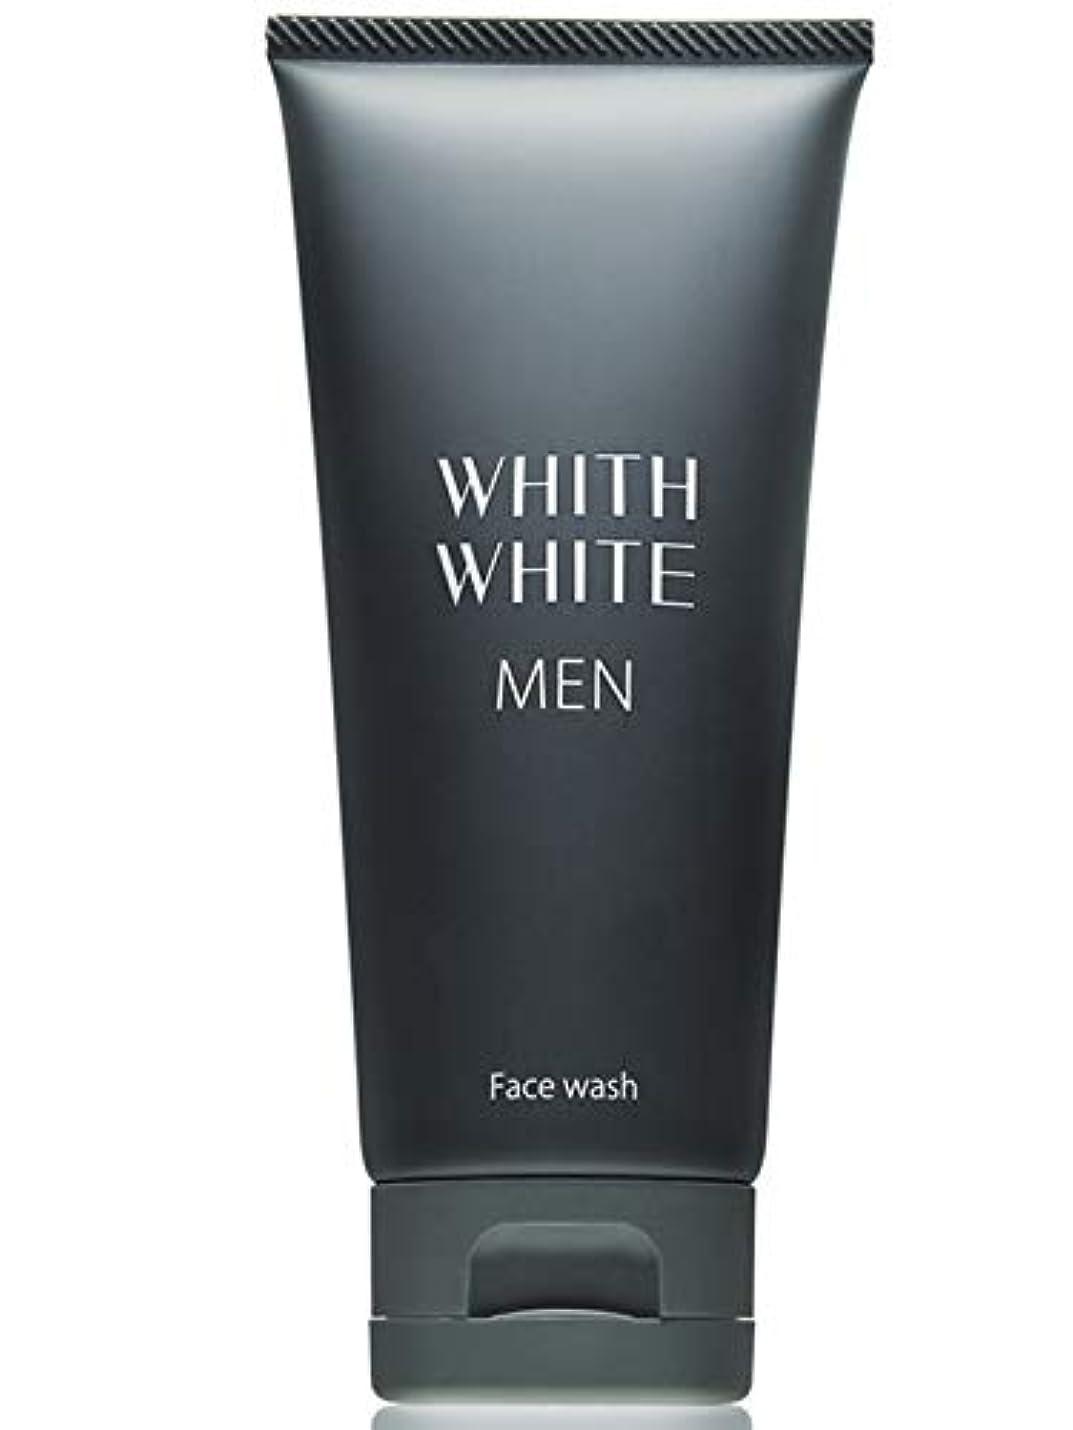 みがきますトレース施設洗顔 メンズ 医薬部外品 【 男 の しみ くすみ 対策 】 フィス ホワイト 「 30代~50代の 男性 専用 洗顔フォーム 」「 保湿 ヒアルロン酸 配合 洗顔料 」(男性用 スキンケア 化粧品 )95g